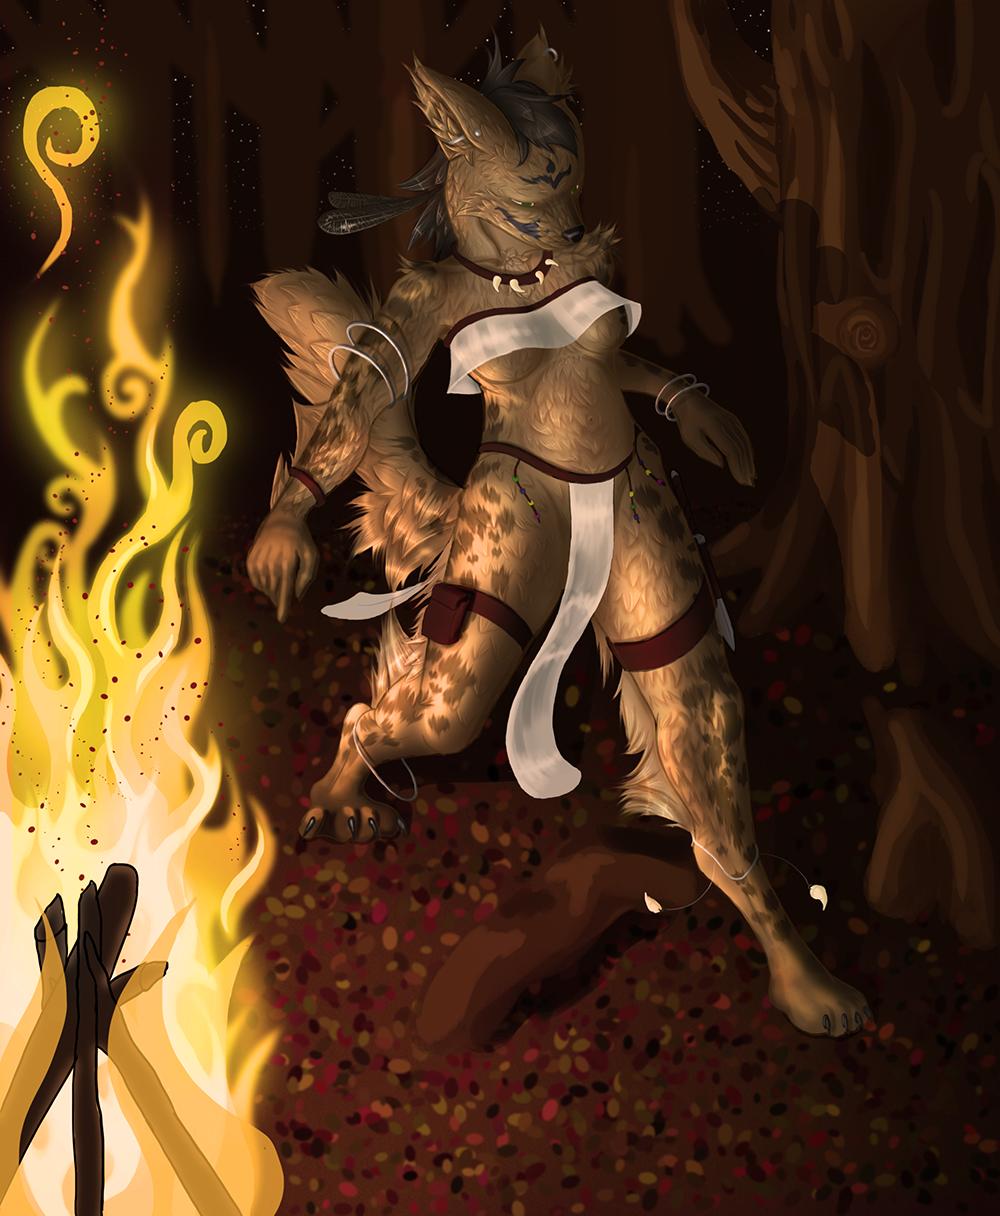 Most recent image: Firelight Dance